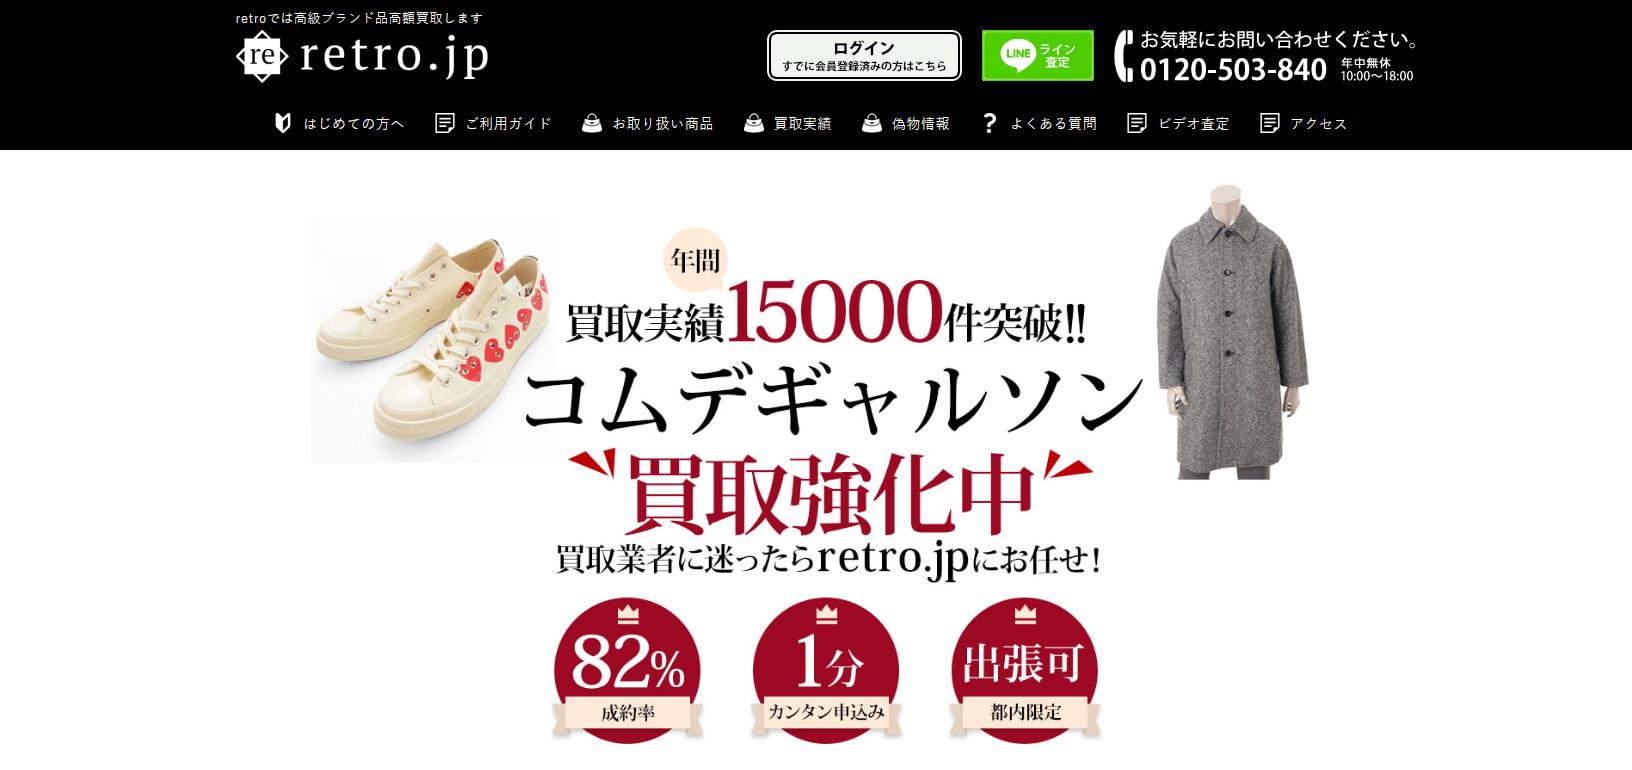 コムデギャルソン買取おすすめ店retro.jp